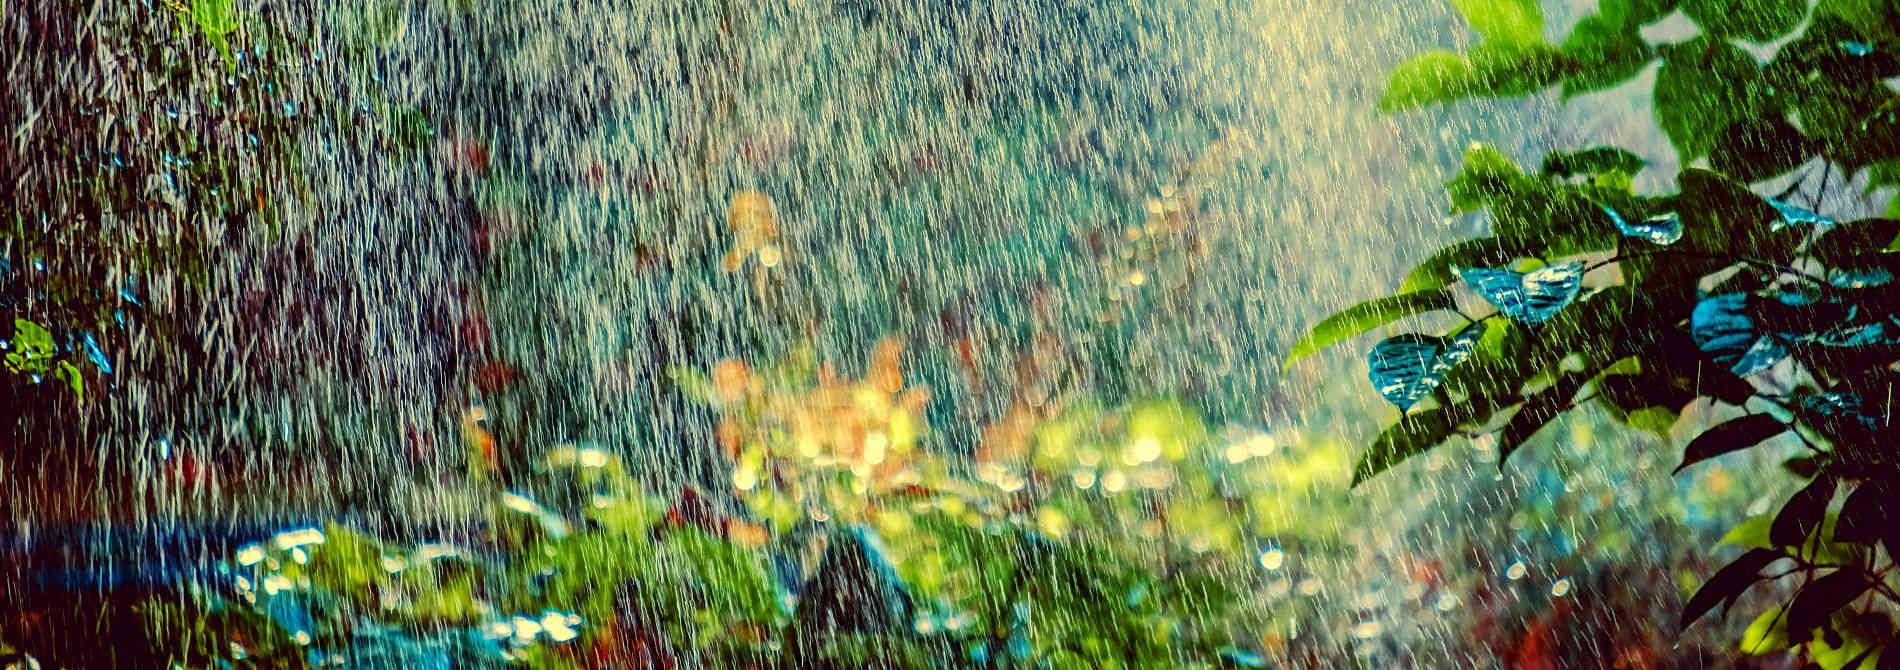 Full Size of Bewässerungssysteme Garten Dvs Beregnung Beste Bewsserung Fr Ihren Spielhaus Lounge Set Pool Im Bauen Stapelstuhl Klapptisch Pavillon Mini Wohnen Und Abo Garten Bewässerungssysteme Garten